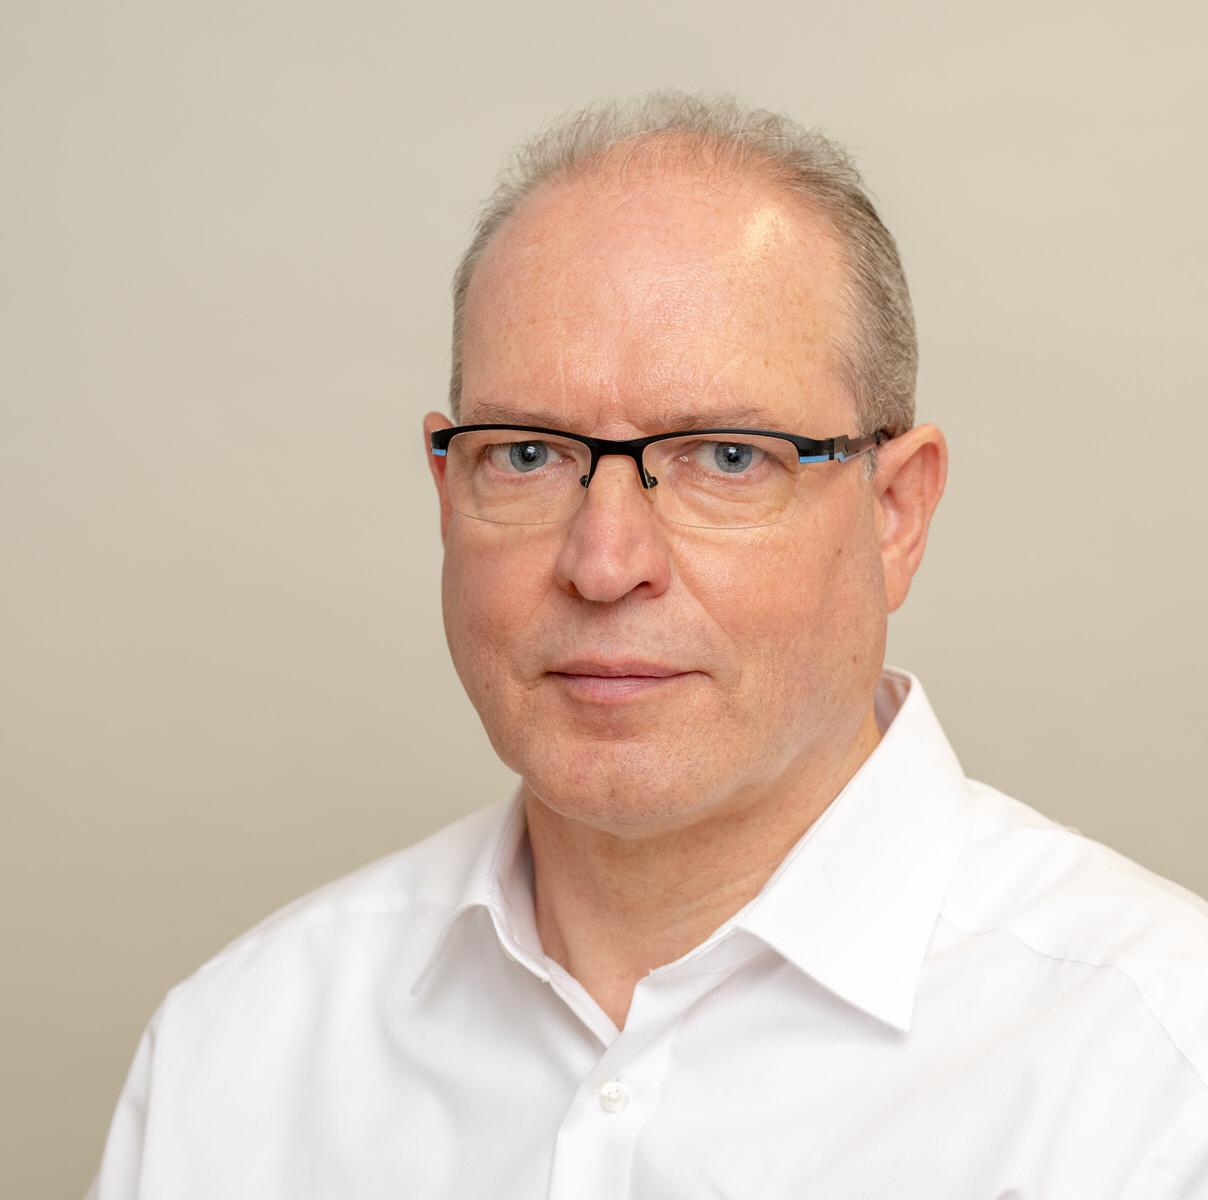 Günter Lehmann